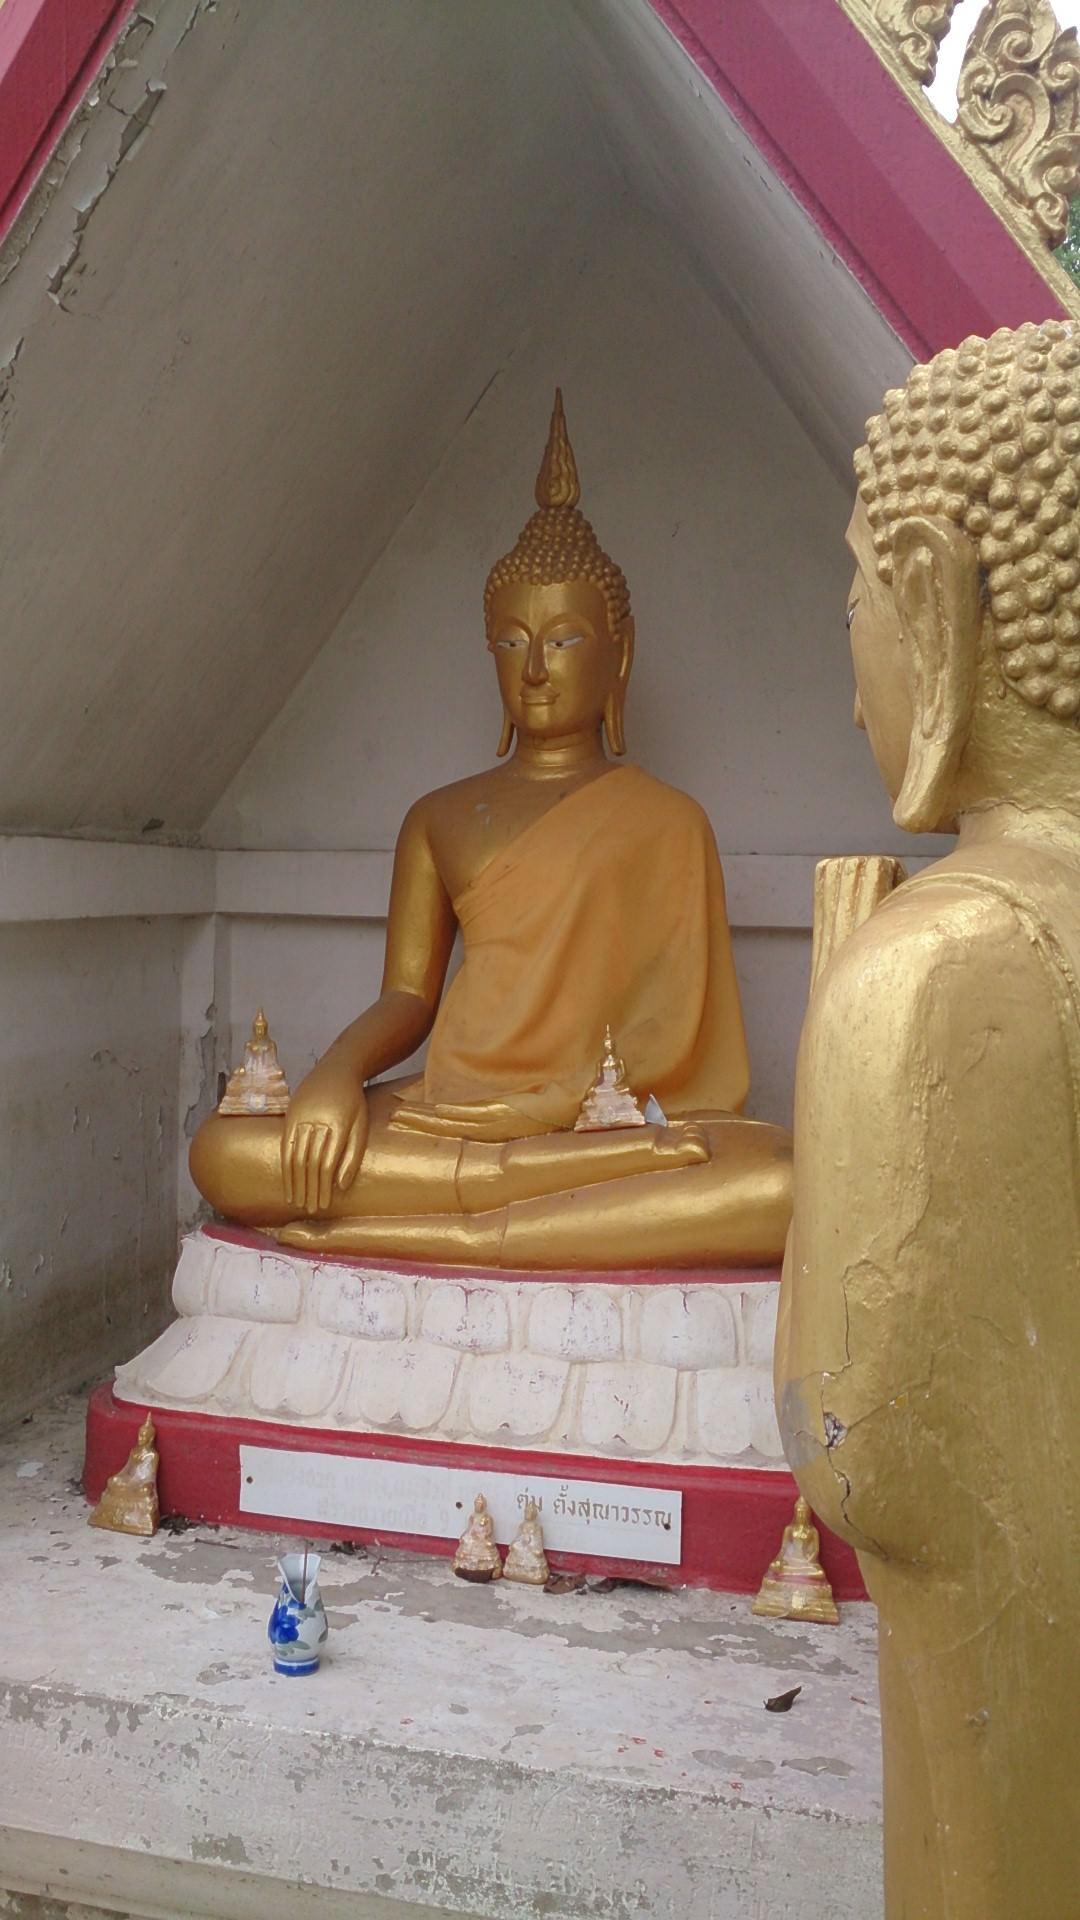 無人寺とタイのハッピーイエロ―マンデー